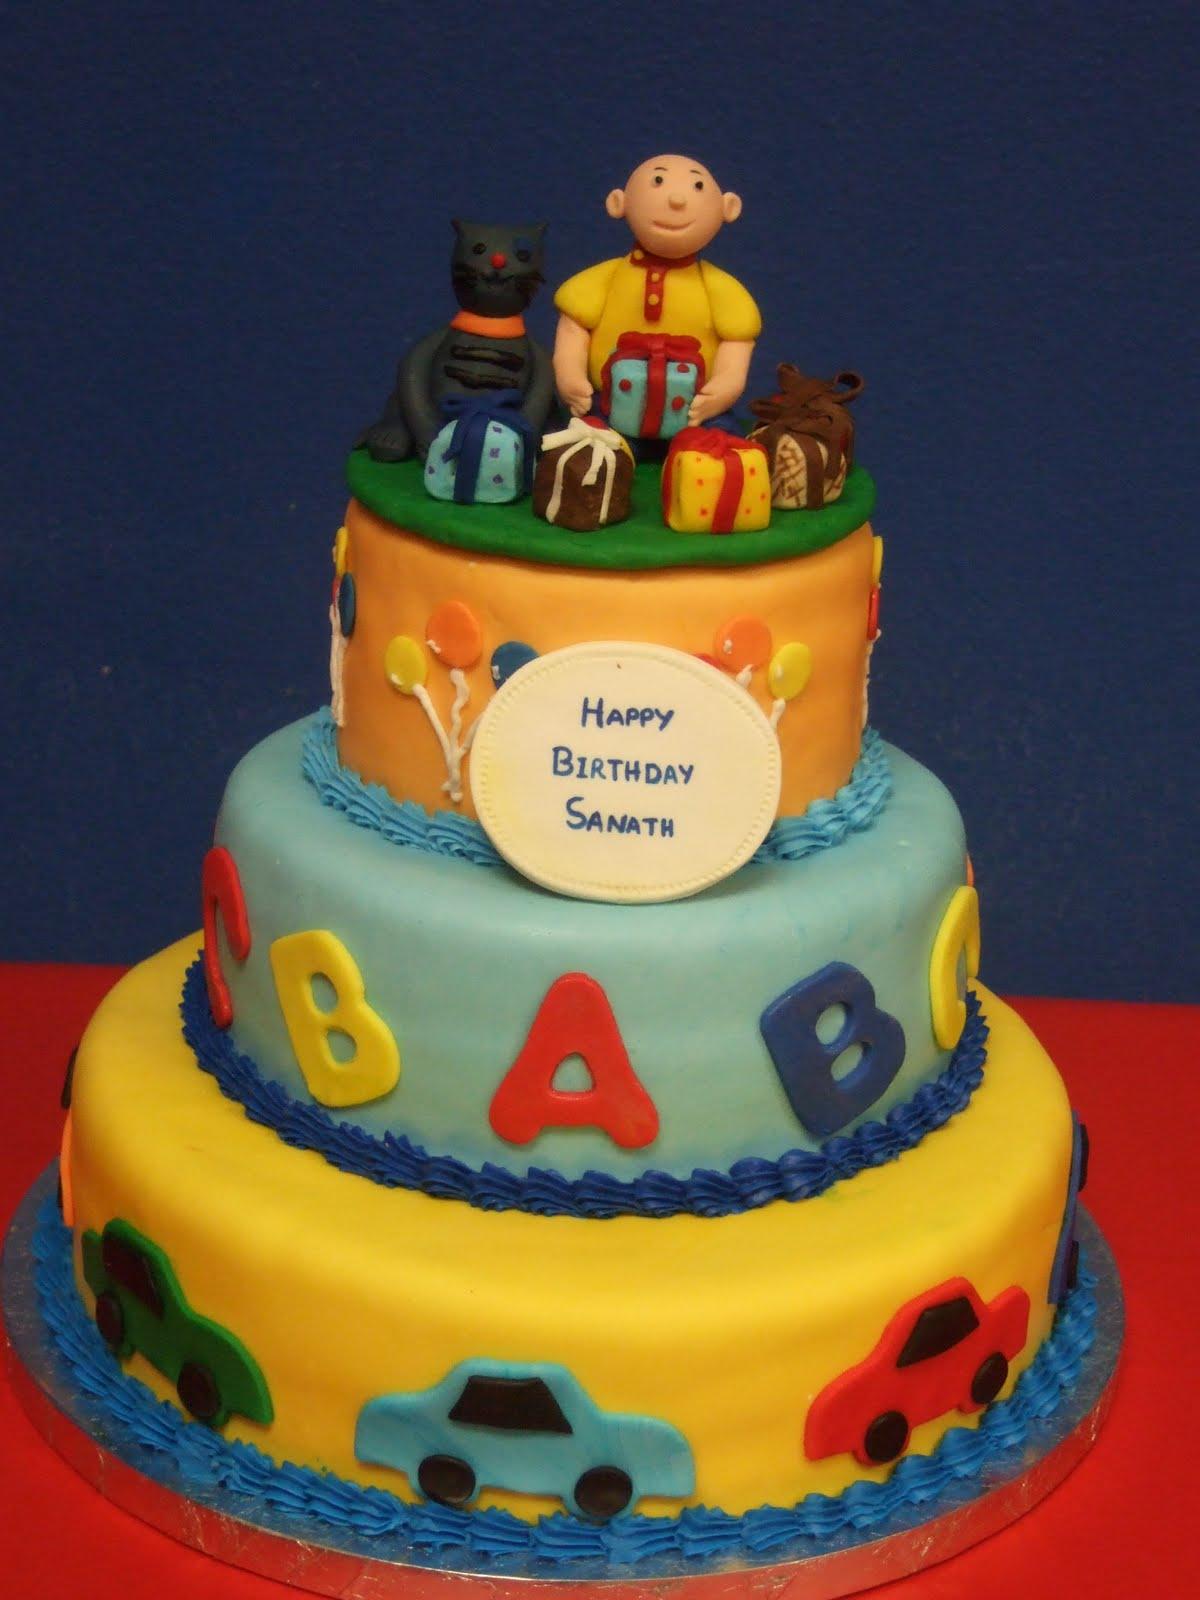 calliou cake